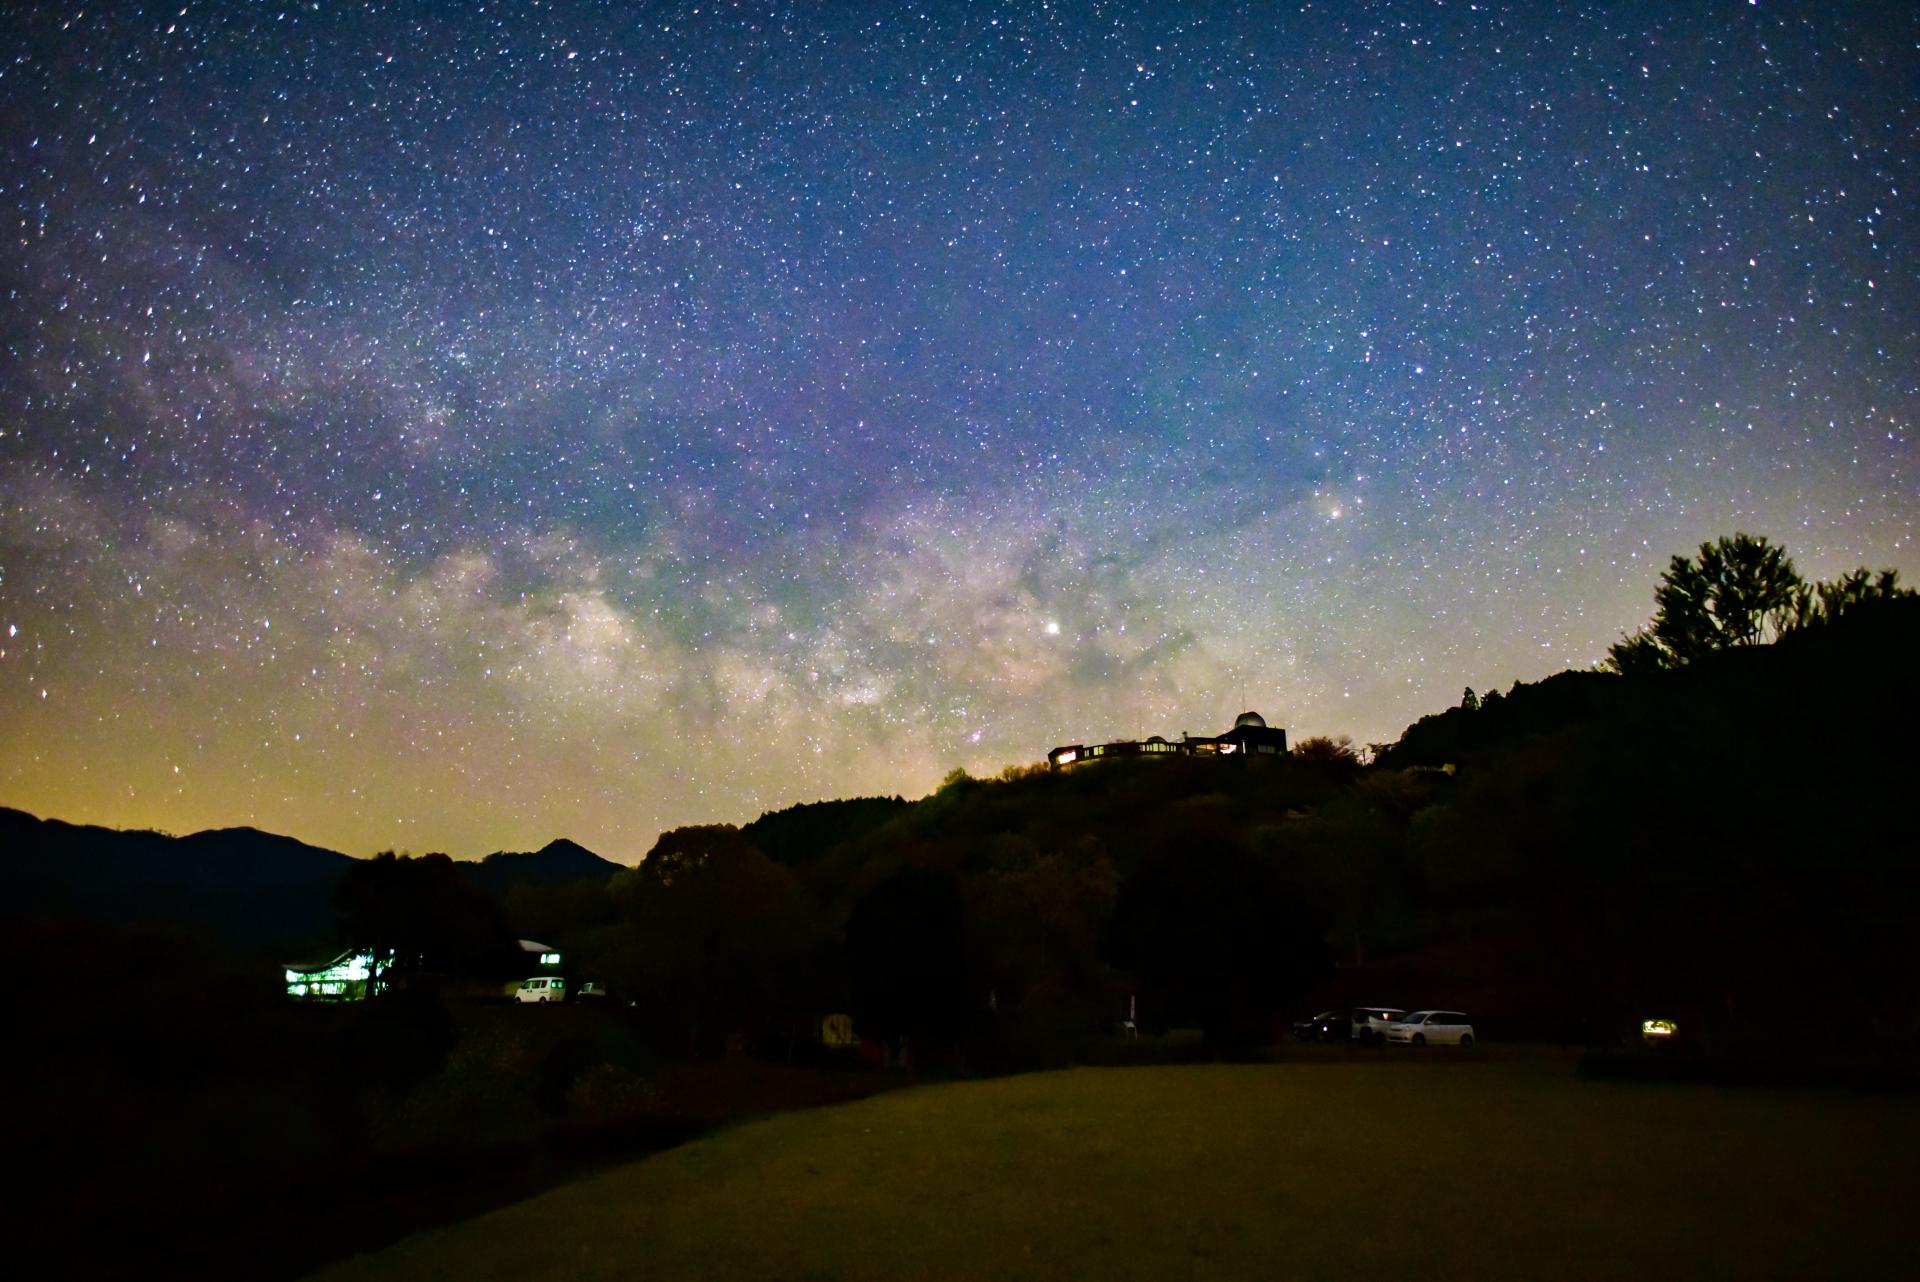 天体望遠鏡のおすすめ8選!星座早見盤付きも【2020年版】